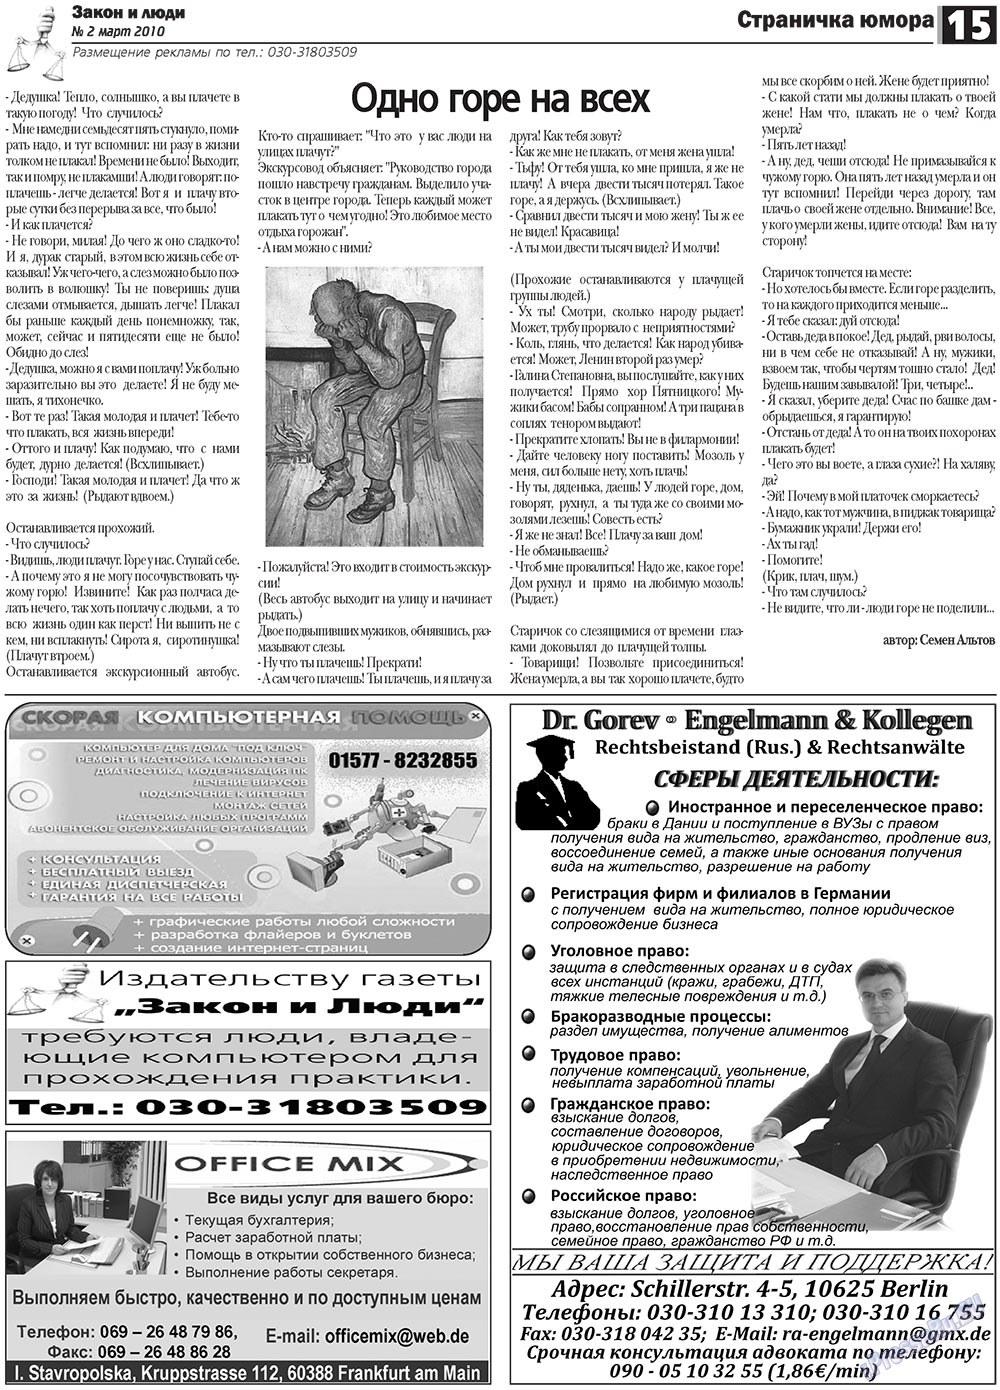 Закон и люди (газета). 2010 год, номер 2, стр. 15